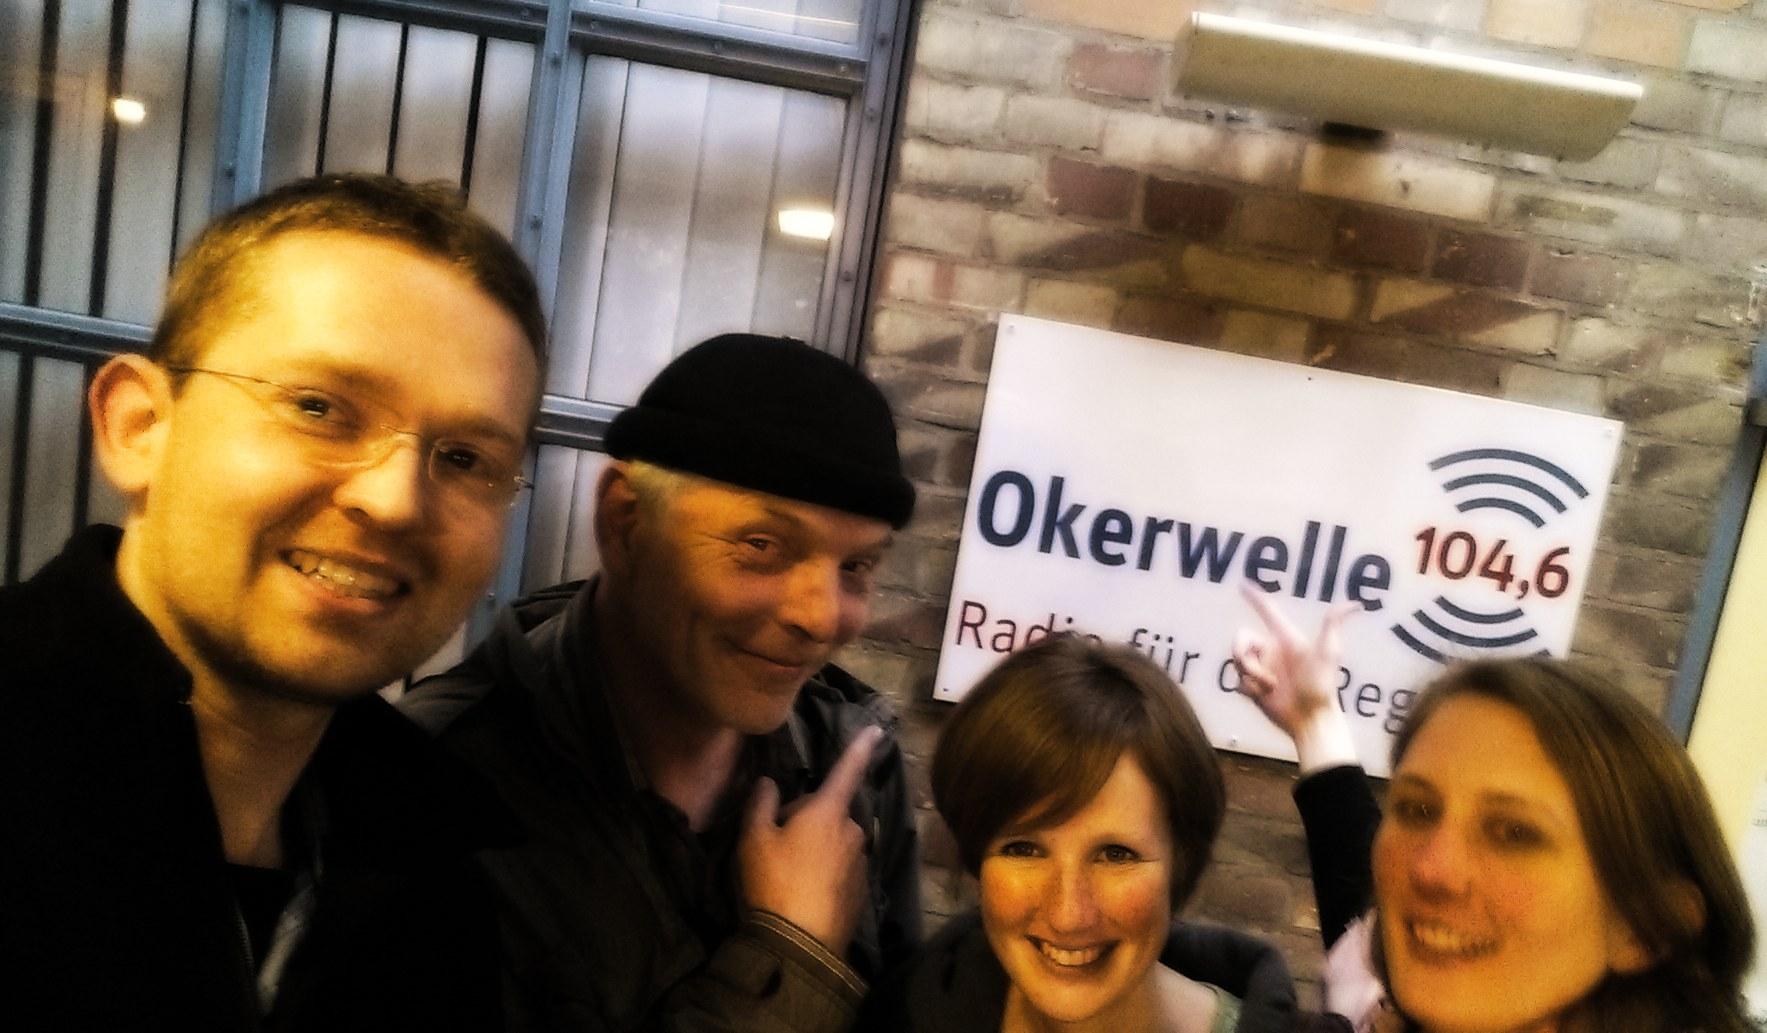 Radiointerview: Aufzeichnung – 4gewinnt Improtheater zu Gast bei Radio Okerwelle